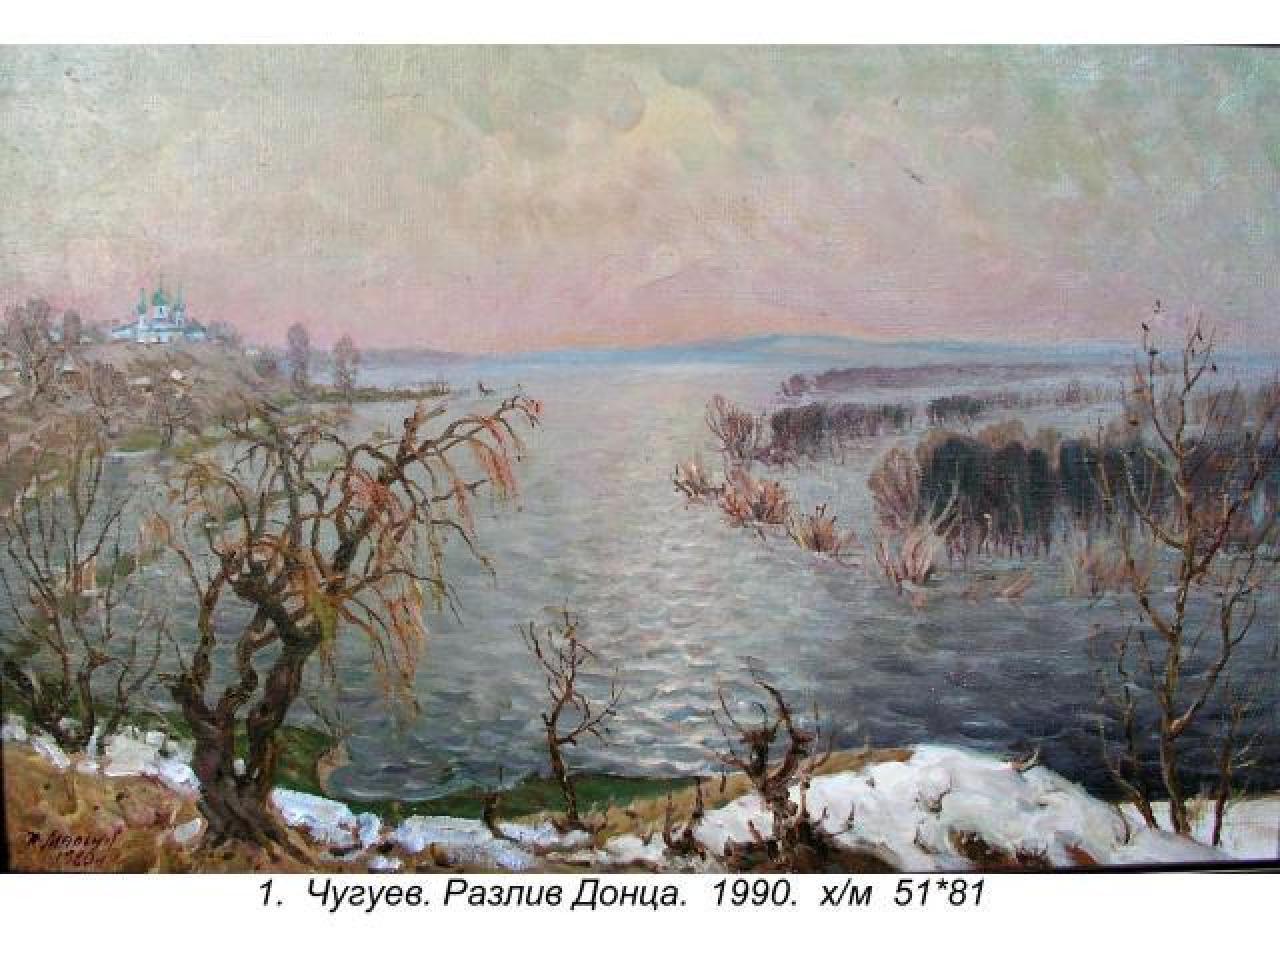 продам живописные картины соцреализма (более 500 шт.) Мальцева П,Н, - 2